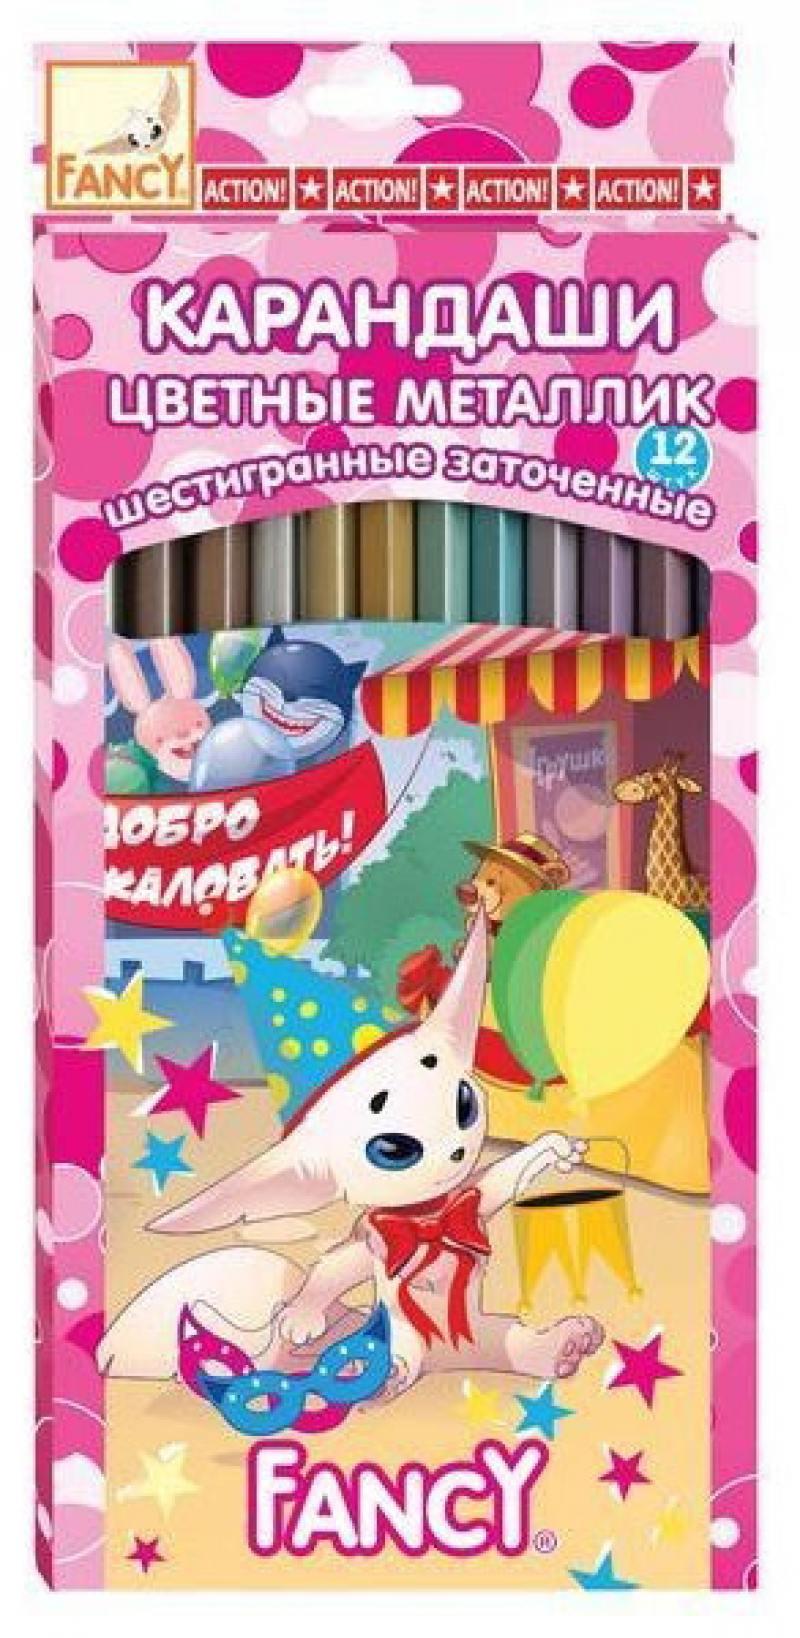 Набор цветных карандашей Action! Fancy 12 шт FCP201-12 FCP201-12 набор цветных карандашей maped color peps 12 шт 683212 в тубусе подставке